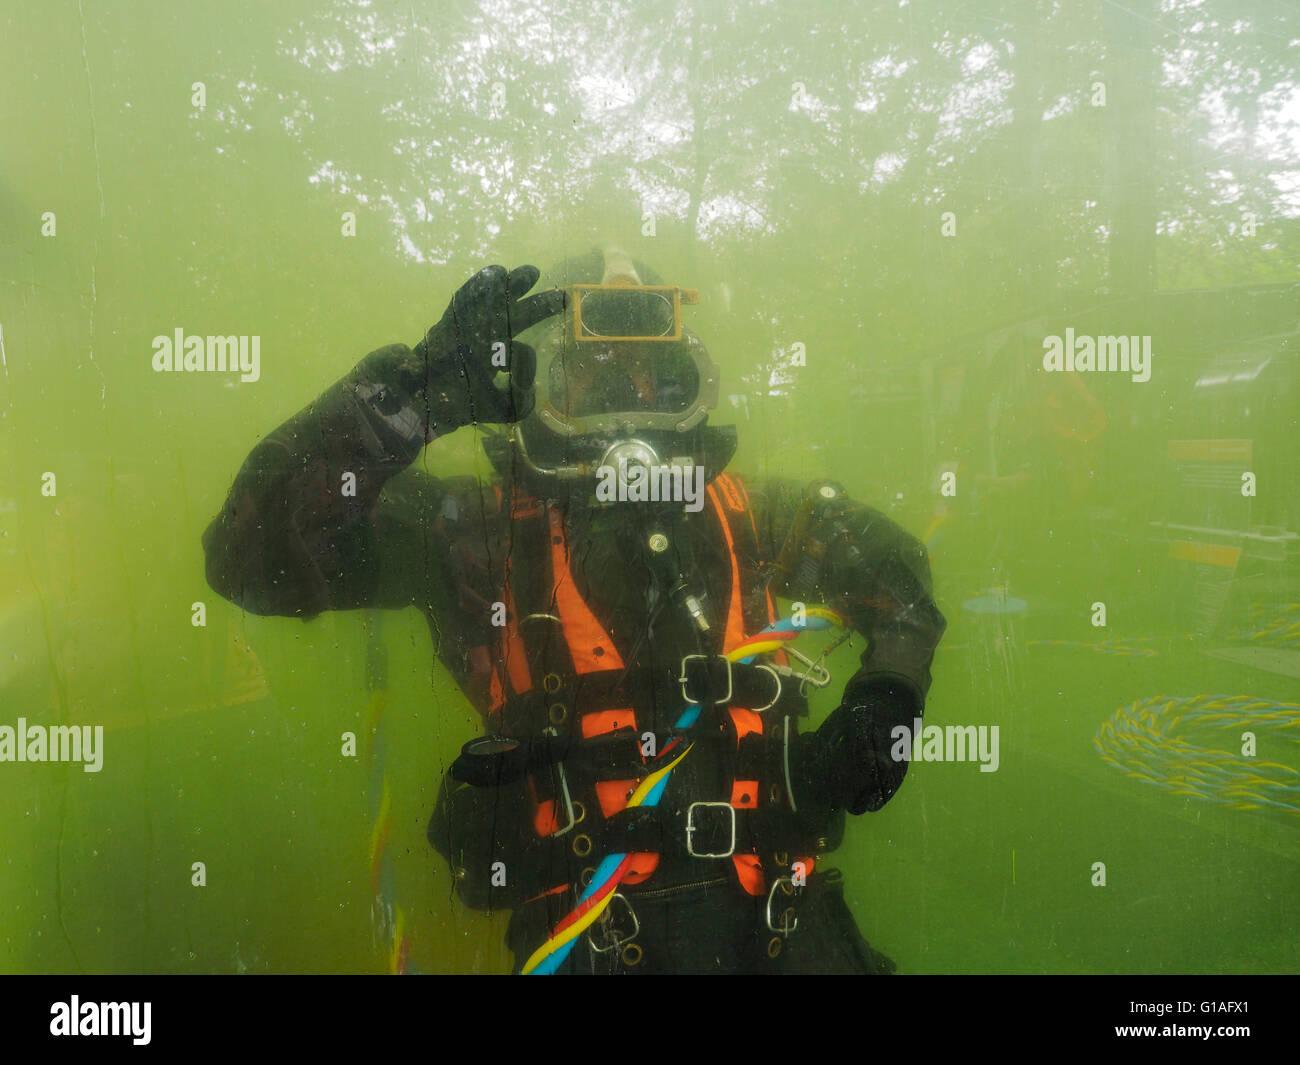 Buzo de la Royal Dutch ingenieros del ejército haciendo aceptar firmar bajo el agua, Breda, Holanda Imagen De Stock